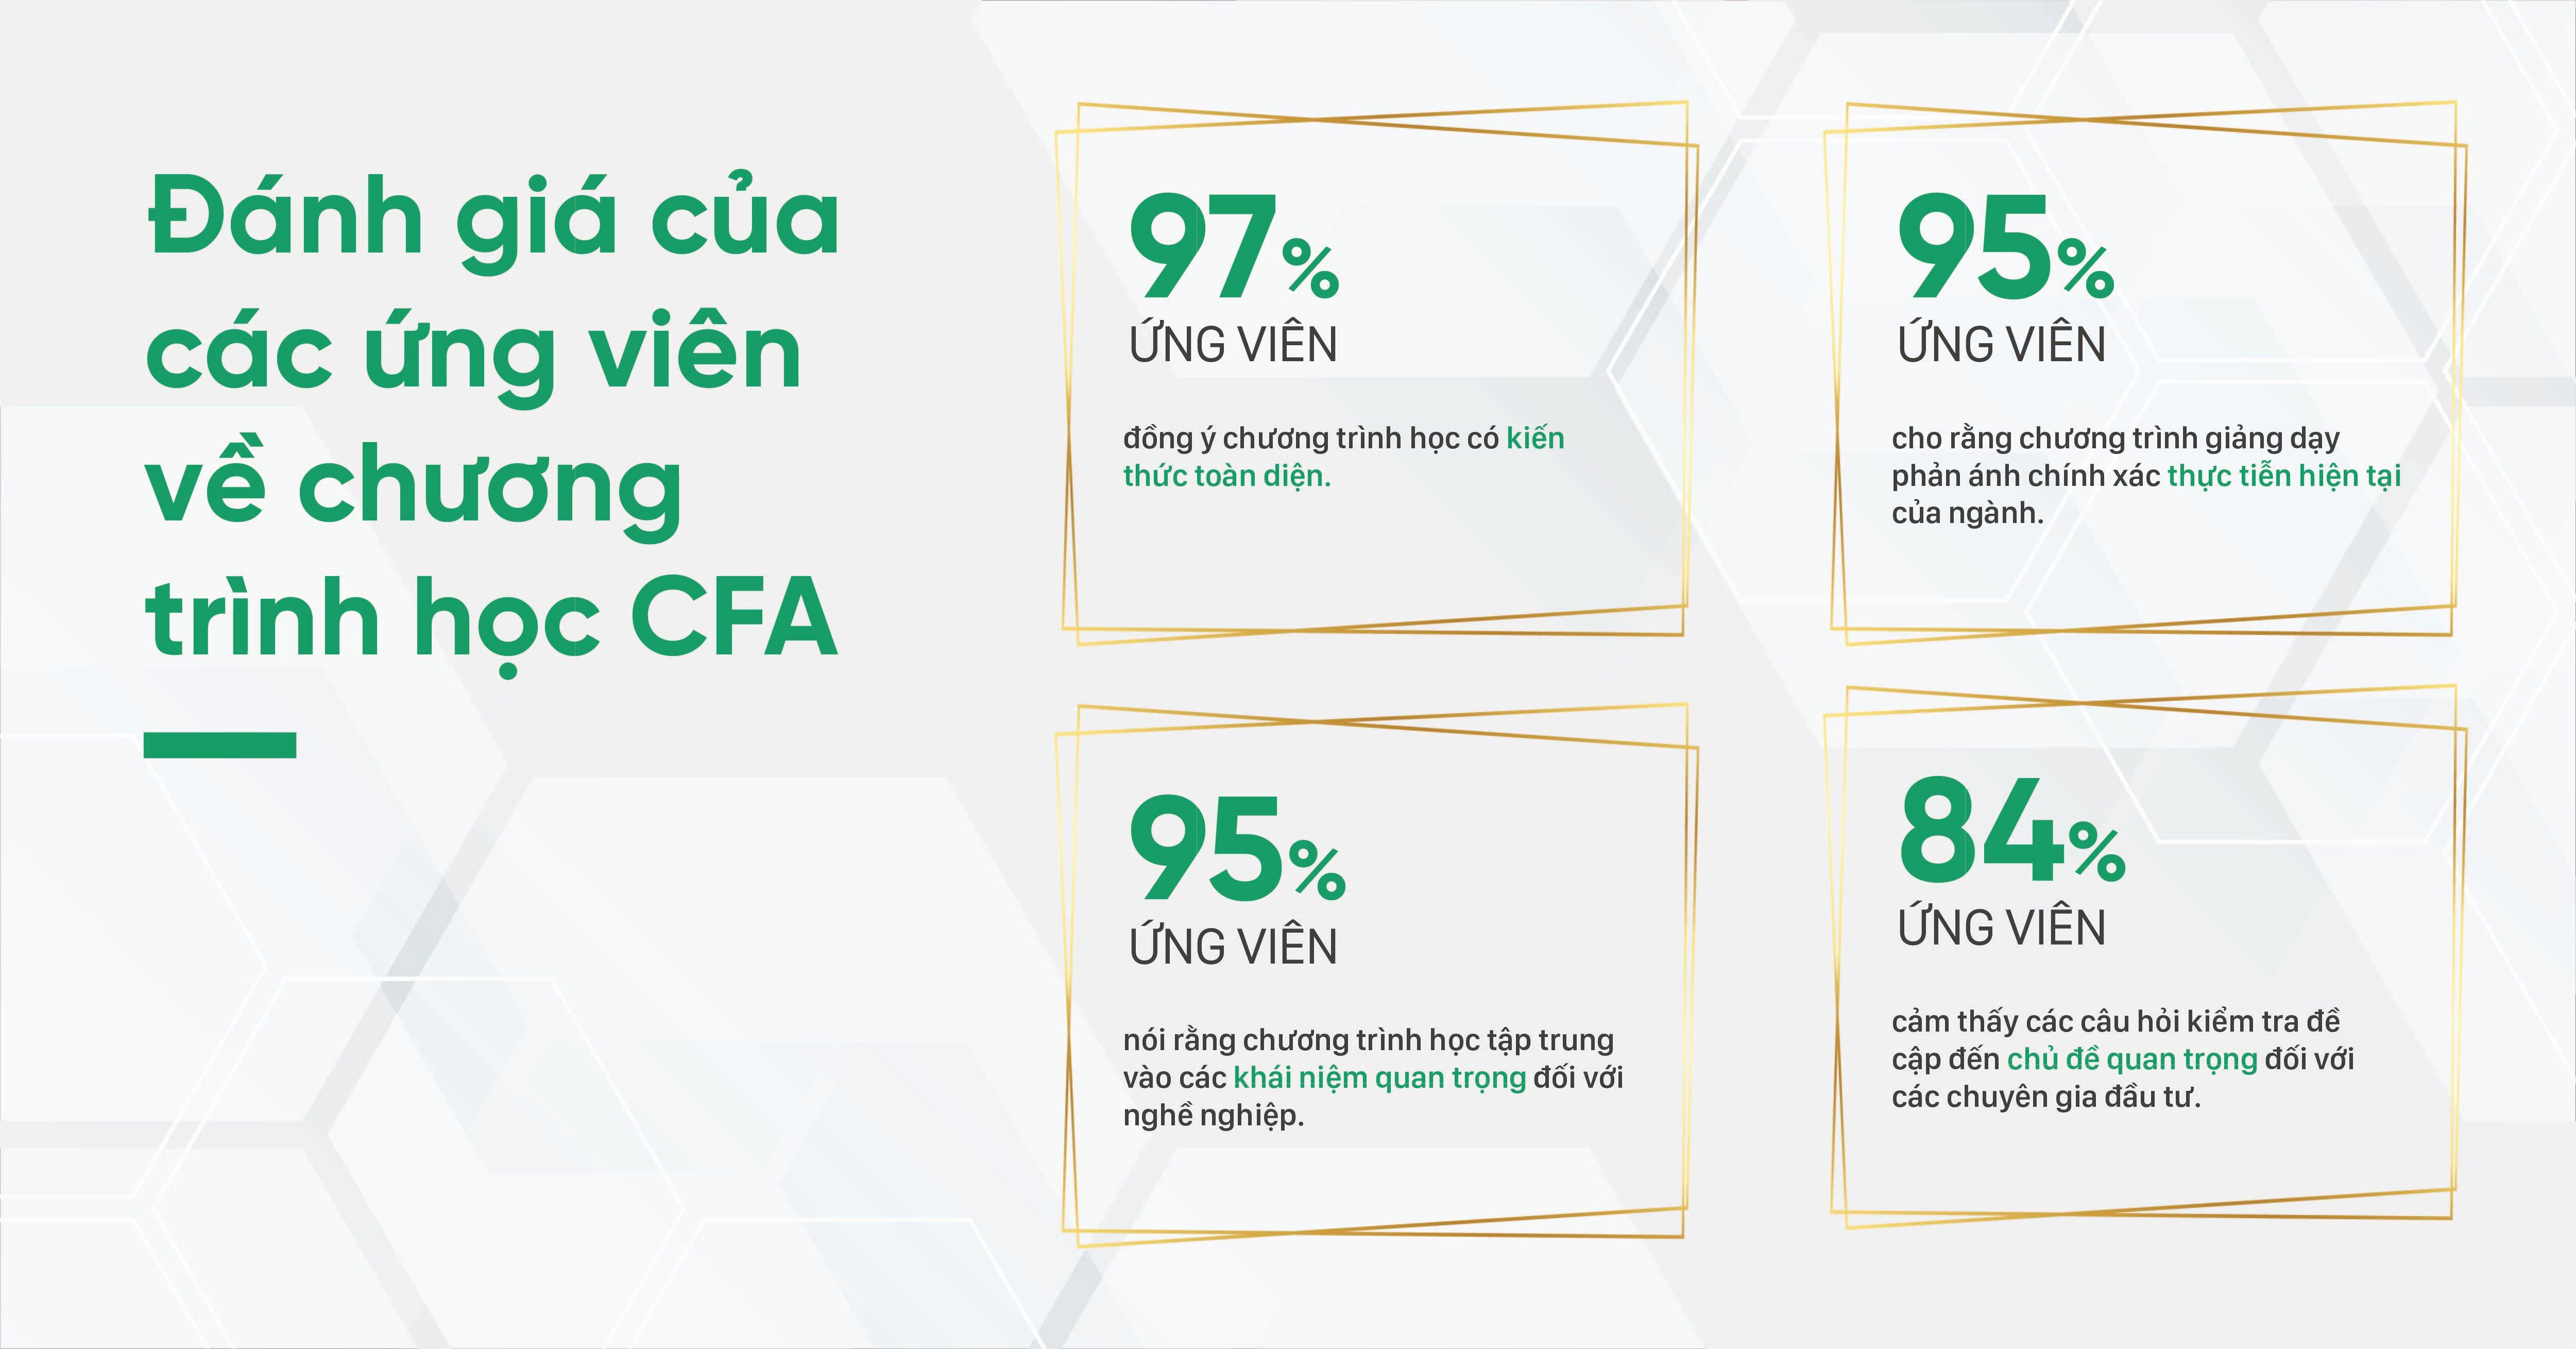 Ảnh 1: Đánh giá của các ứng viên về chương trình học CFA